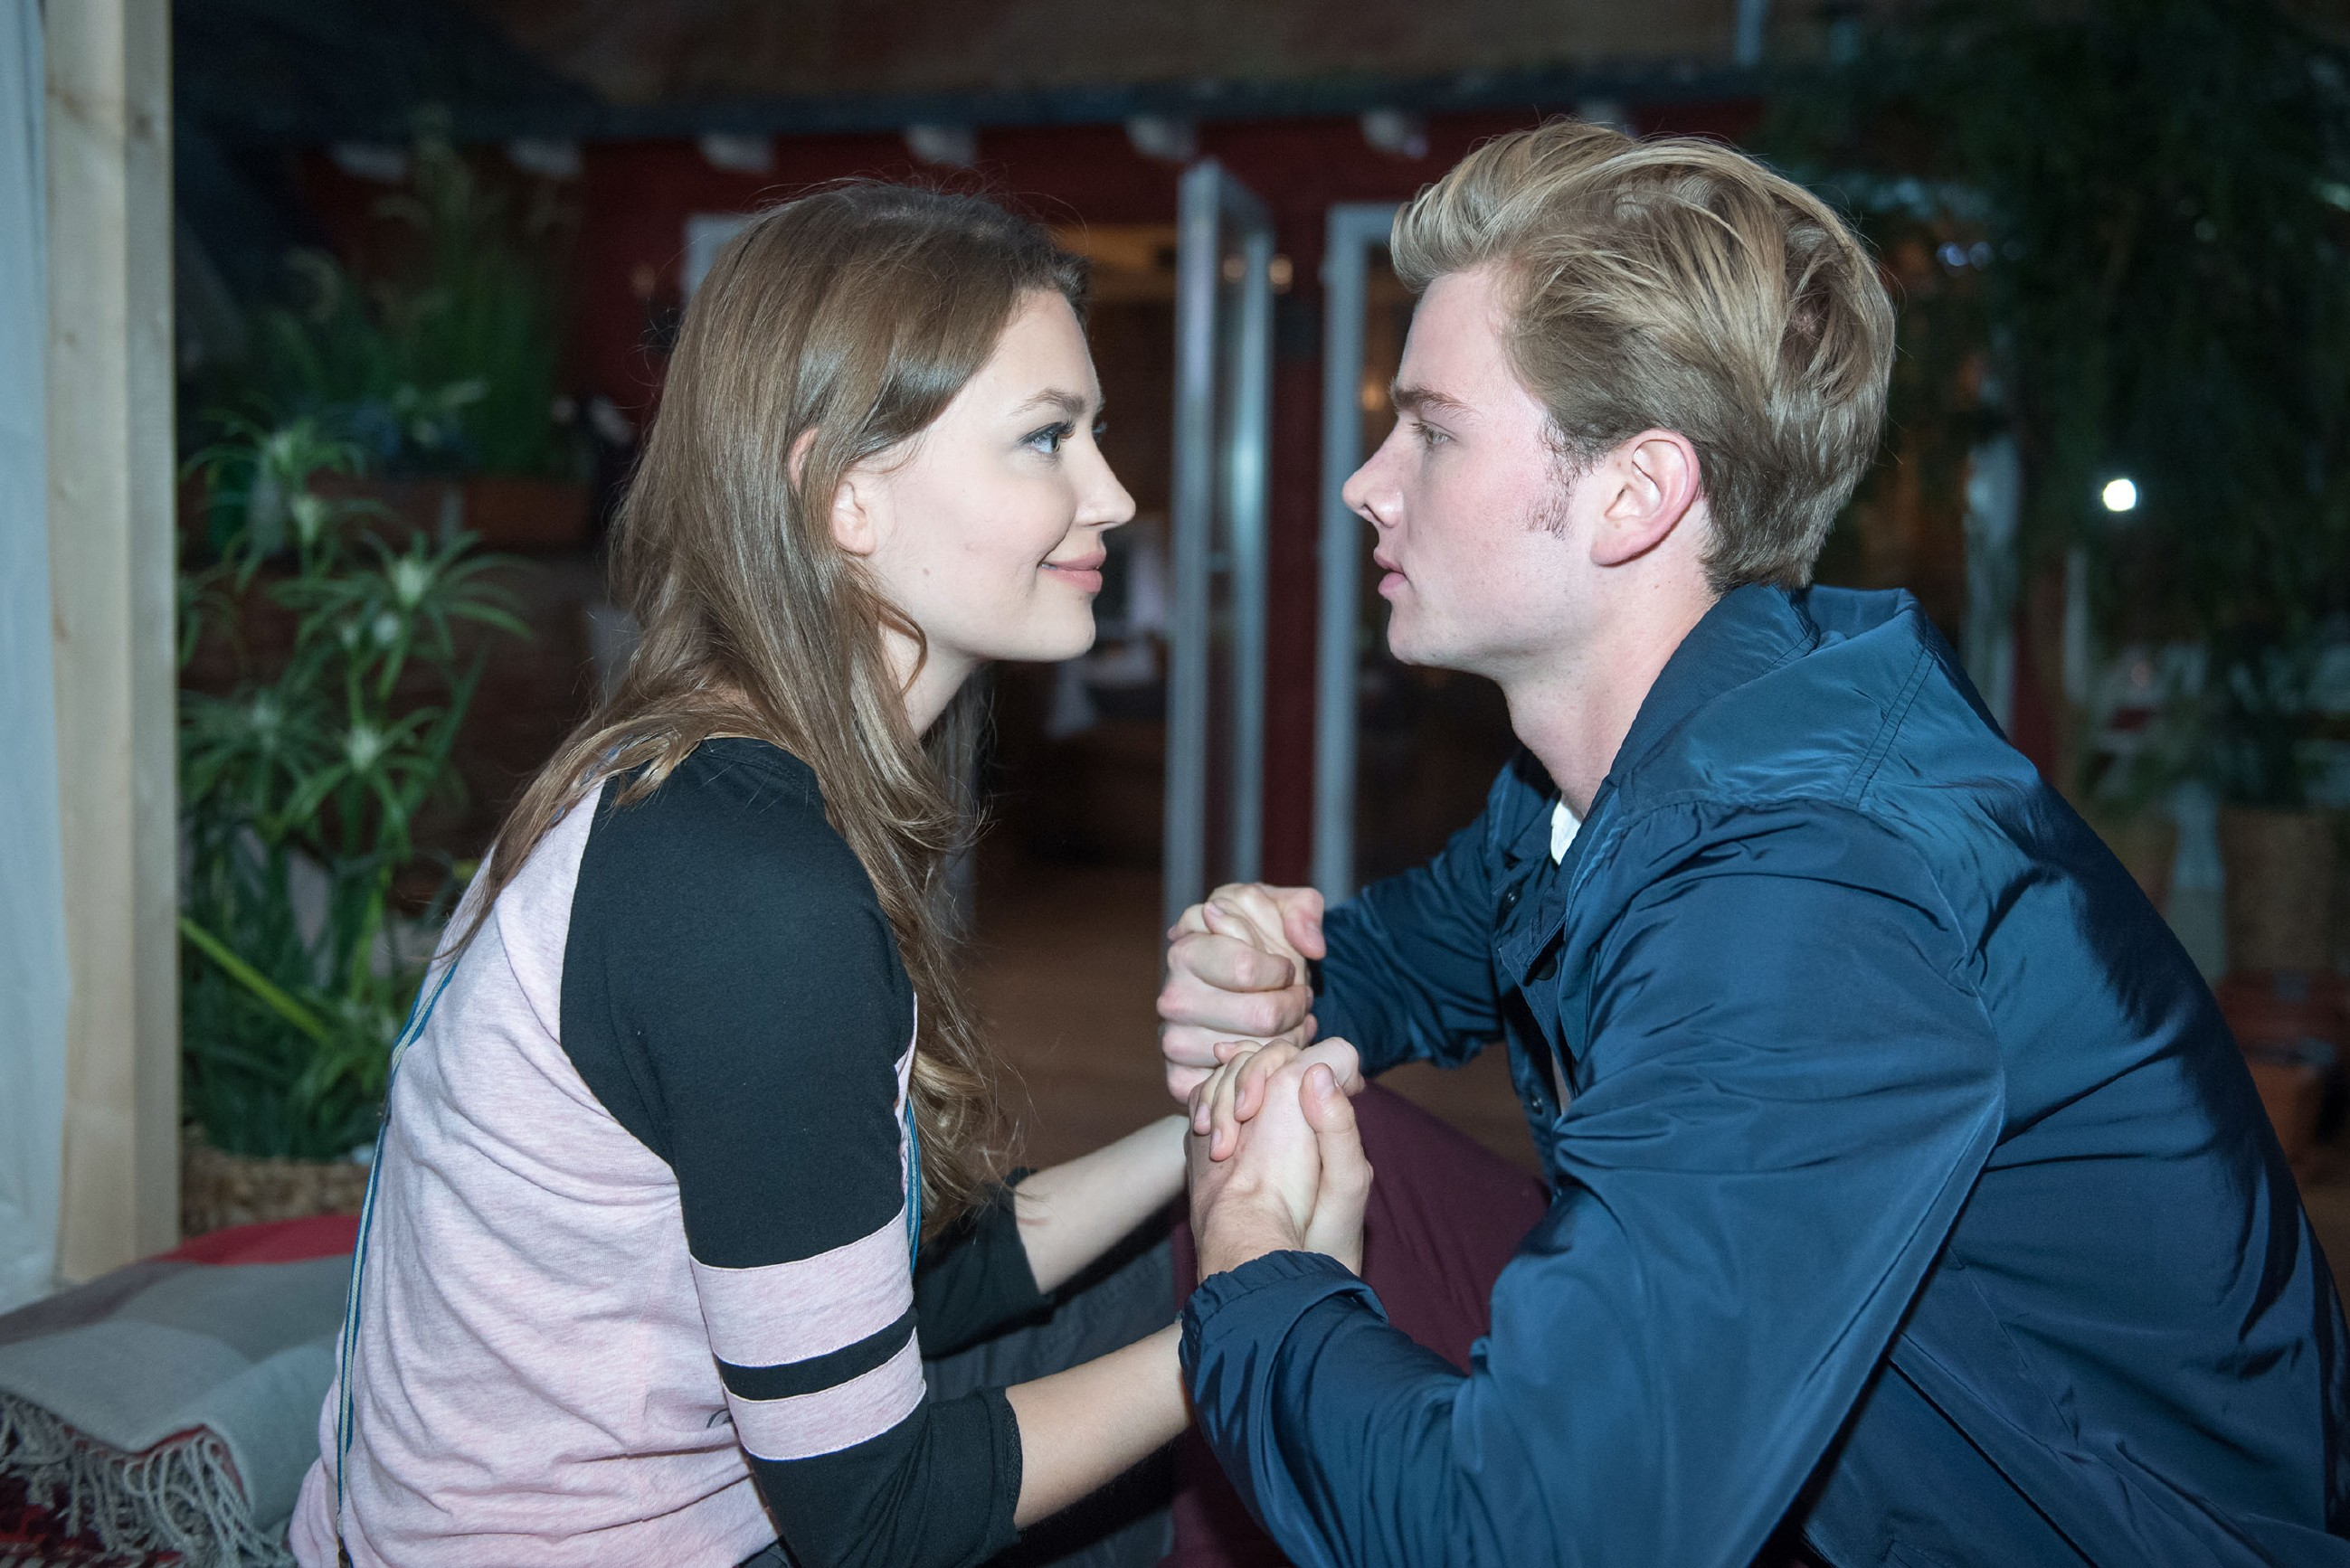 Valentin (Aaron Koszuta) schlägt der arglosen Jule (Amrei Haardt) vor, schnellstmöglich gemeinsam zu ihrem Vater nach Südafrika zu fliegen.